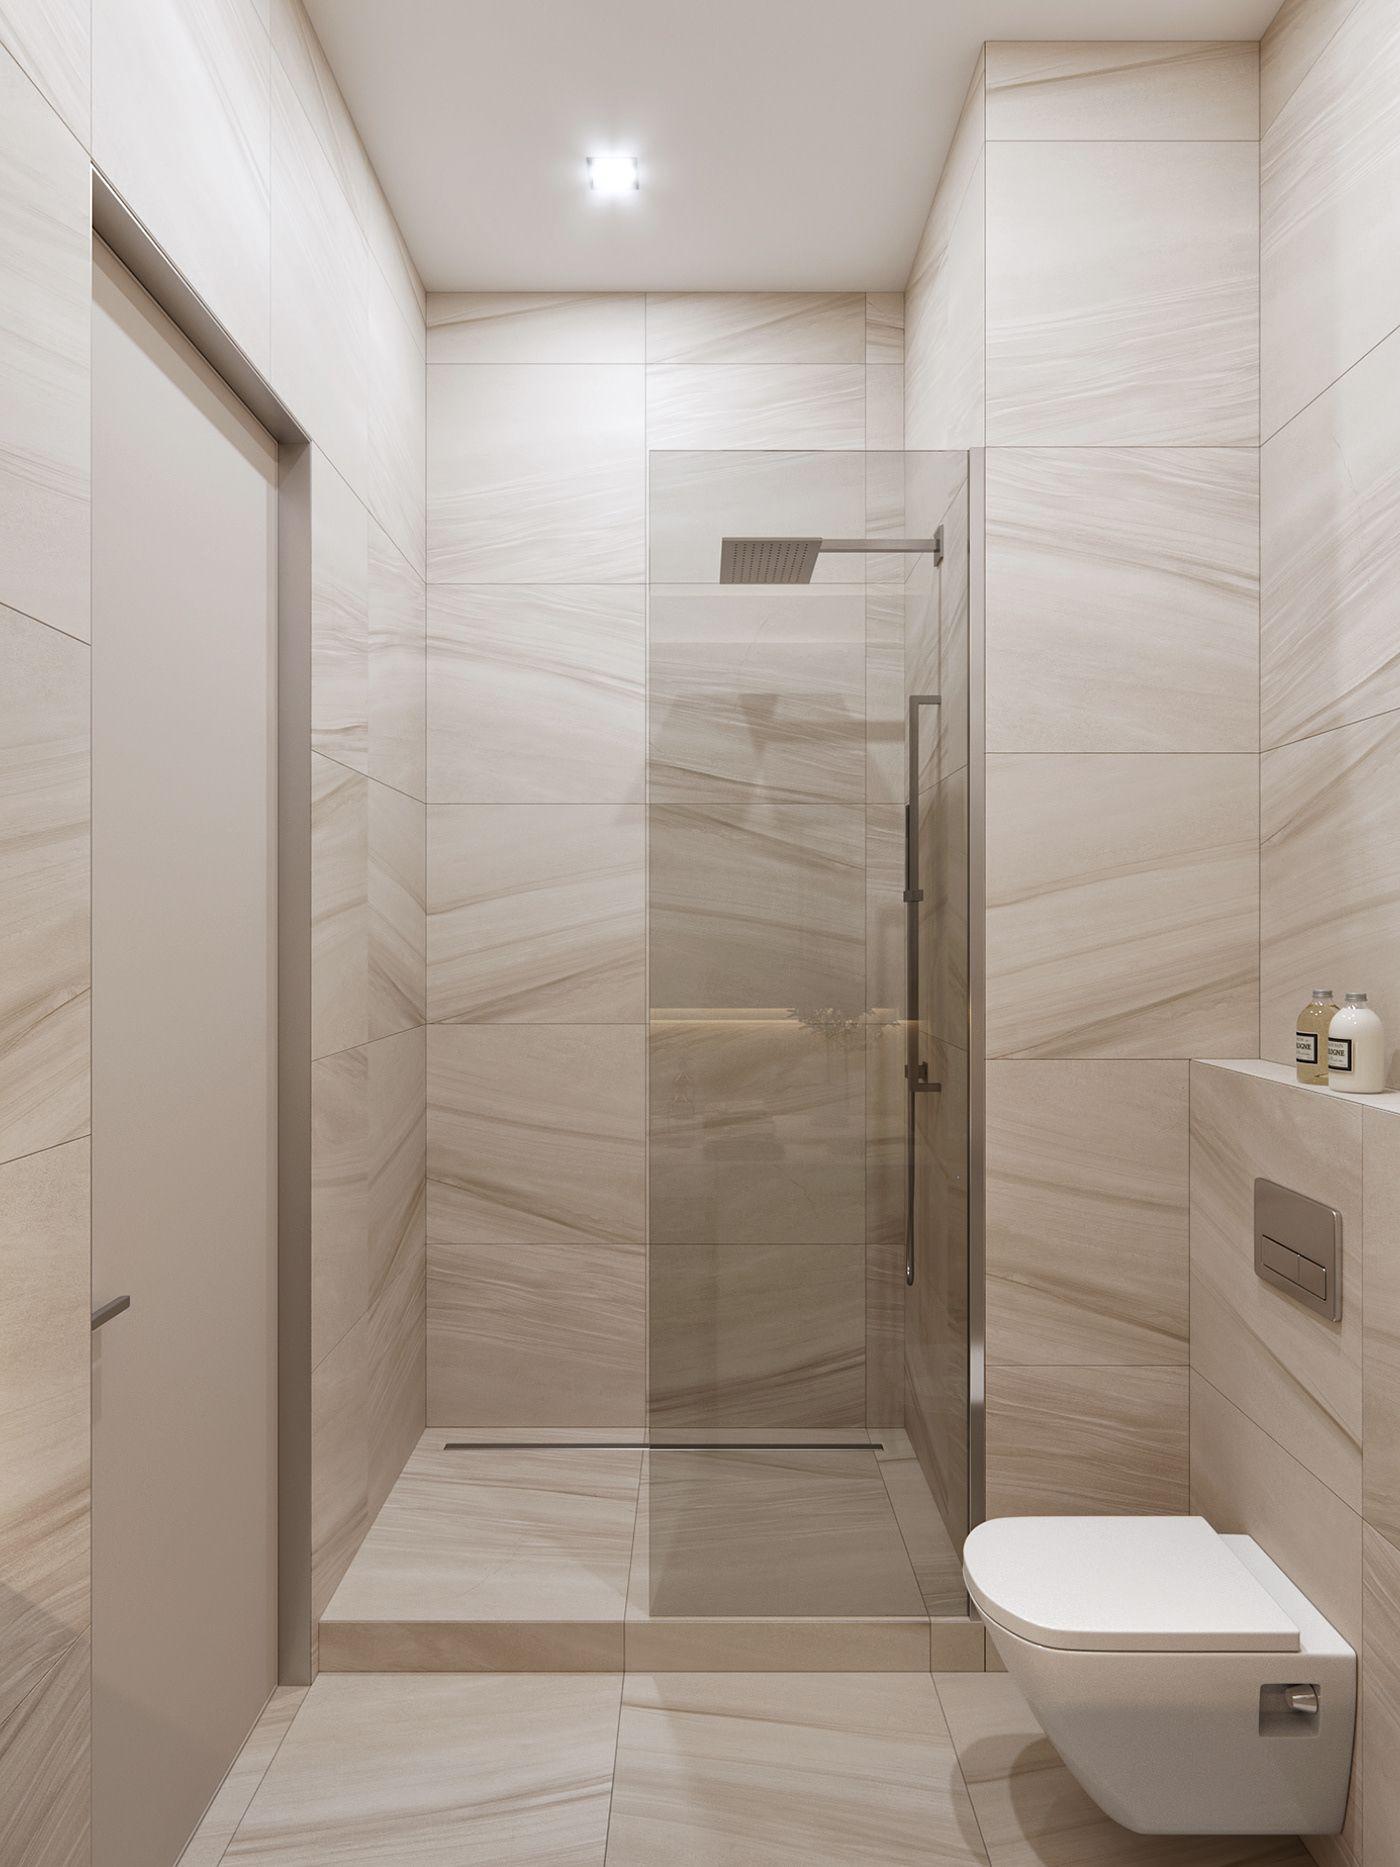 Art Residence V 2 On Behance Bathroom Design Small Bathroom Design Inspiration Bathroom Design